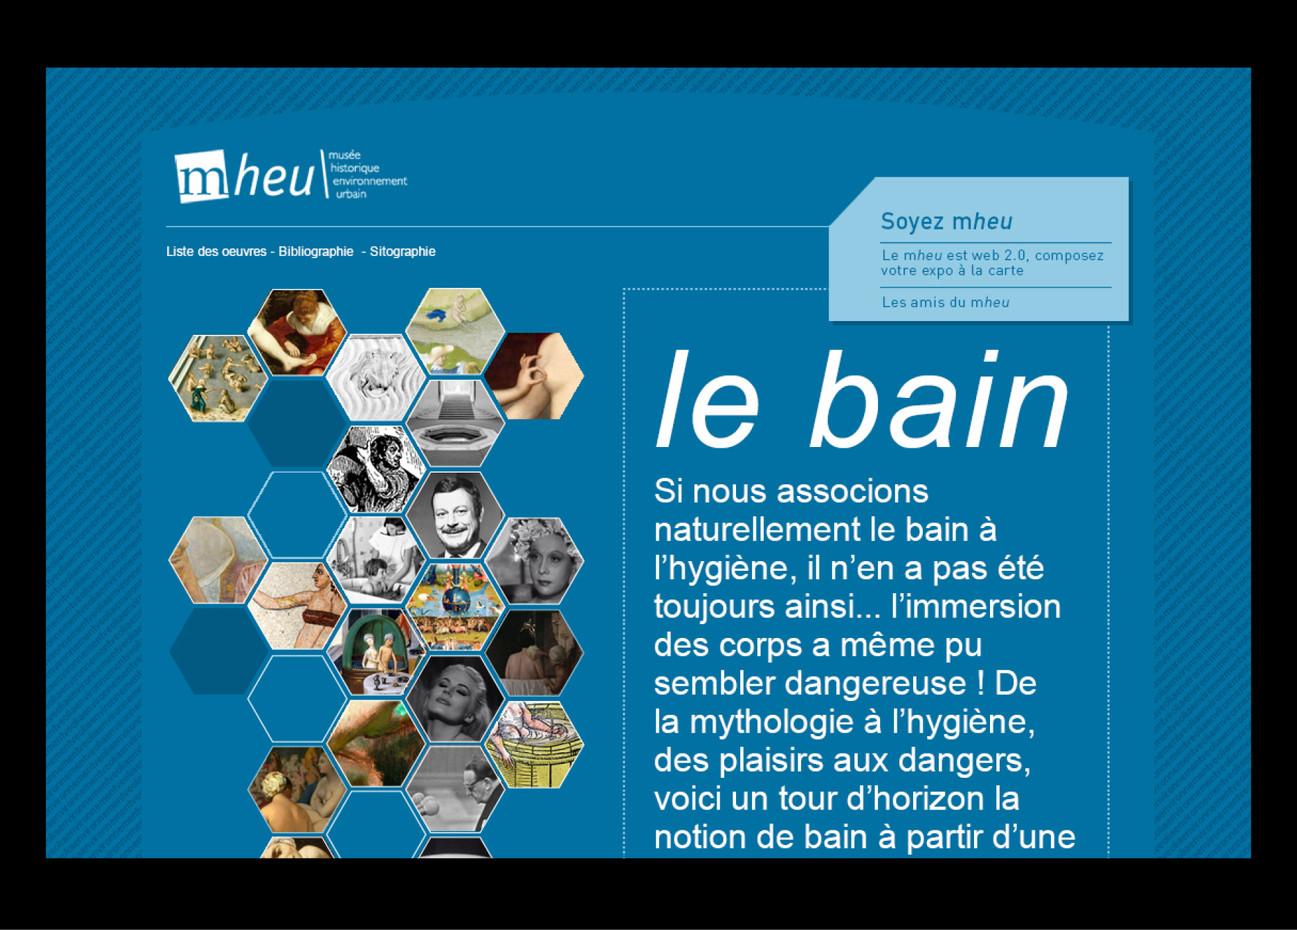 LE MHEU - LE BAIN by VEOLIA